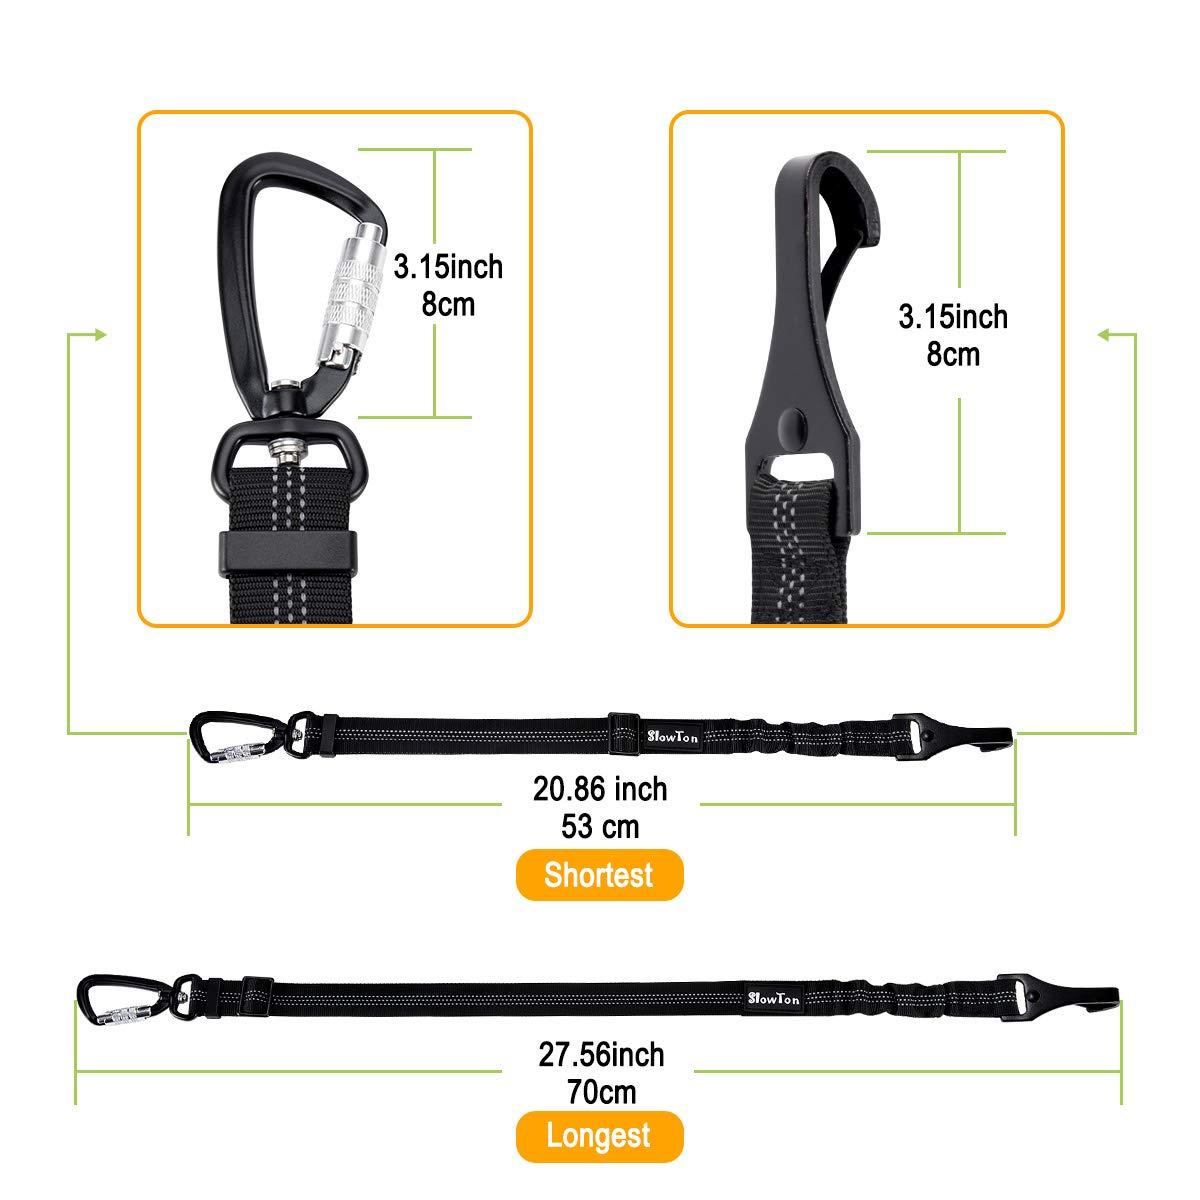 Mascotas Cintur/ón de Seguridad para Perro SlowTon Cintur/ón Perro Coche Ajustable,Hebilla Universal de Nylon para Mascotas de Viajes